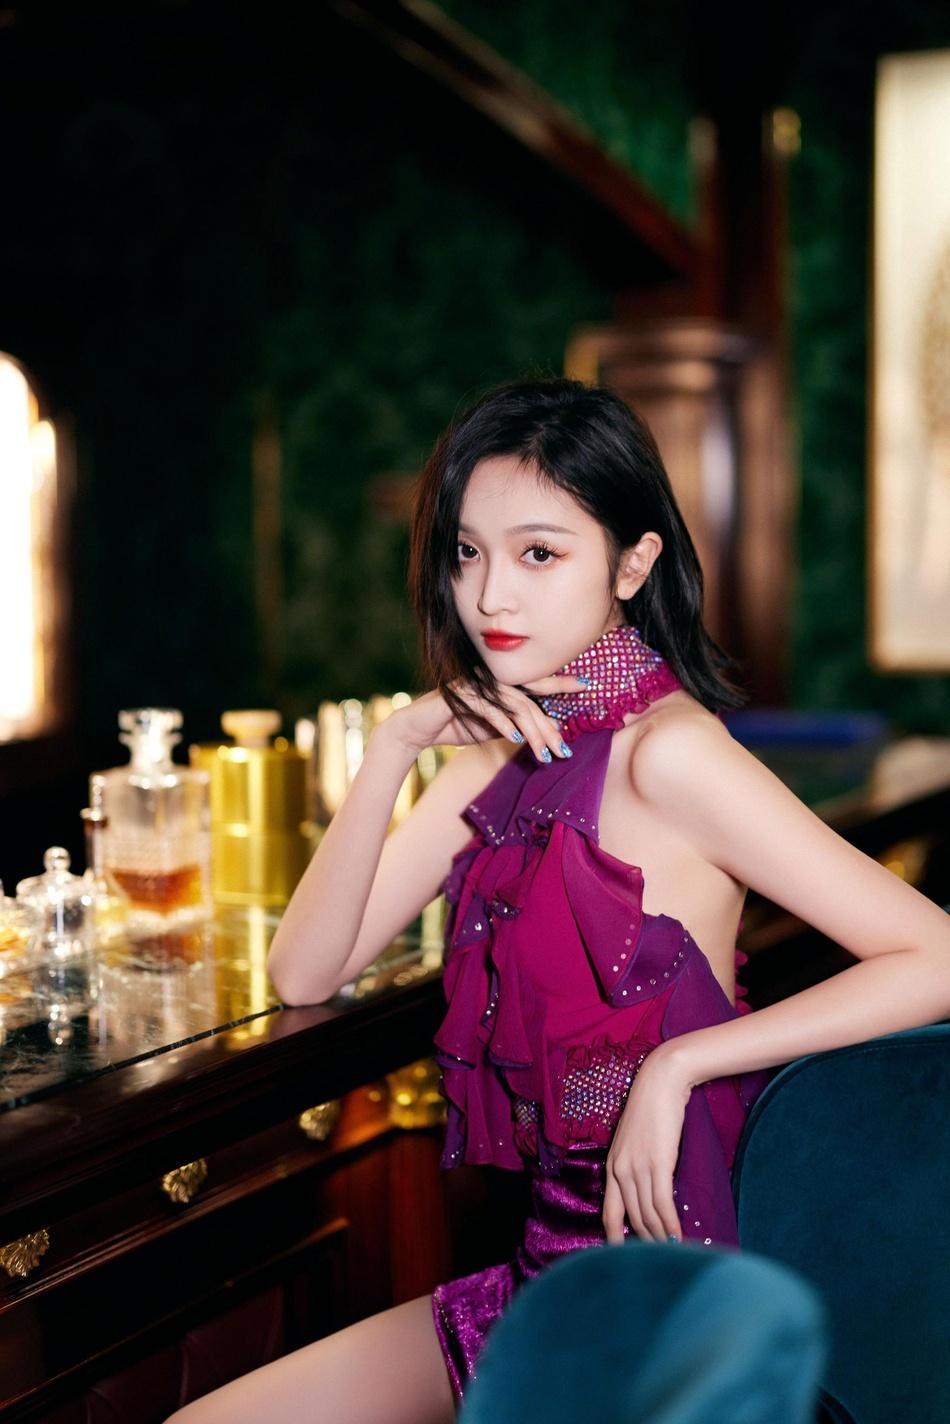 吴宣仪优雅气质裙装着身酒吧写真美照